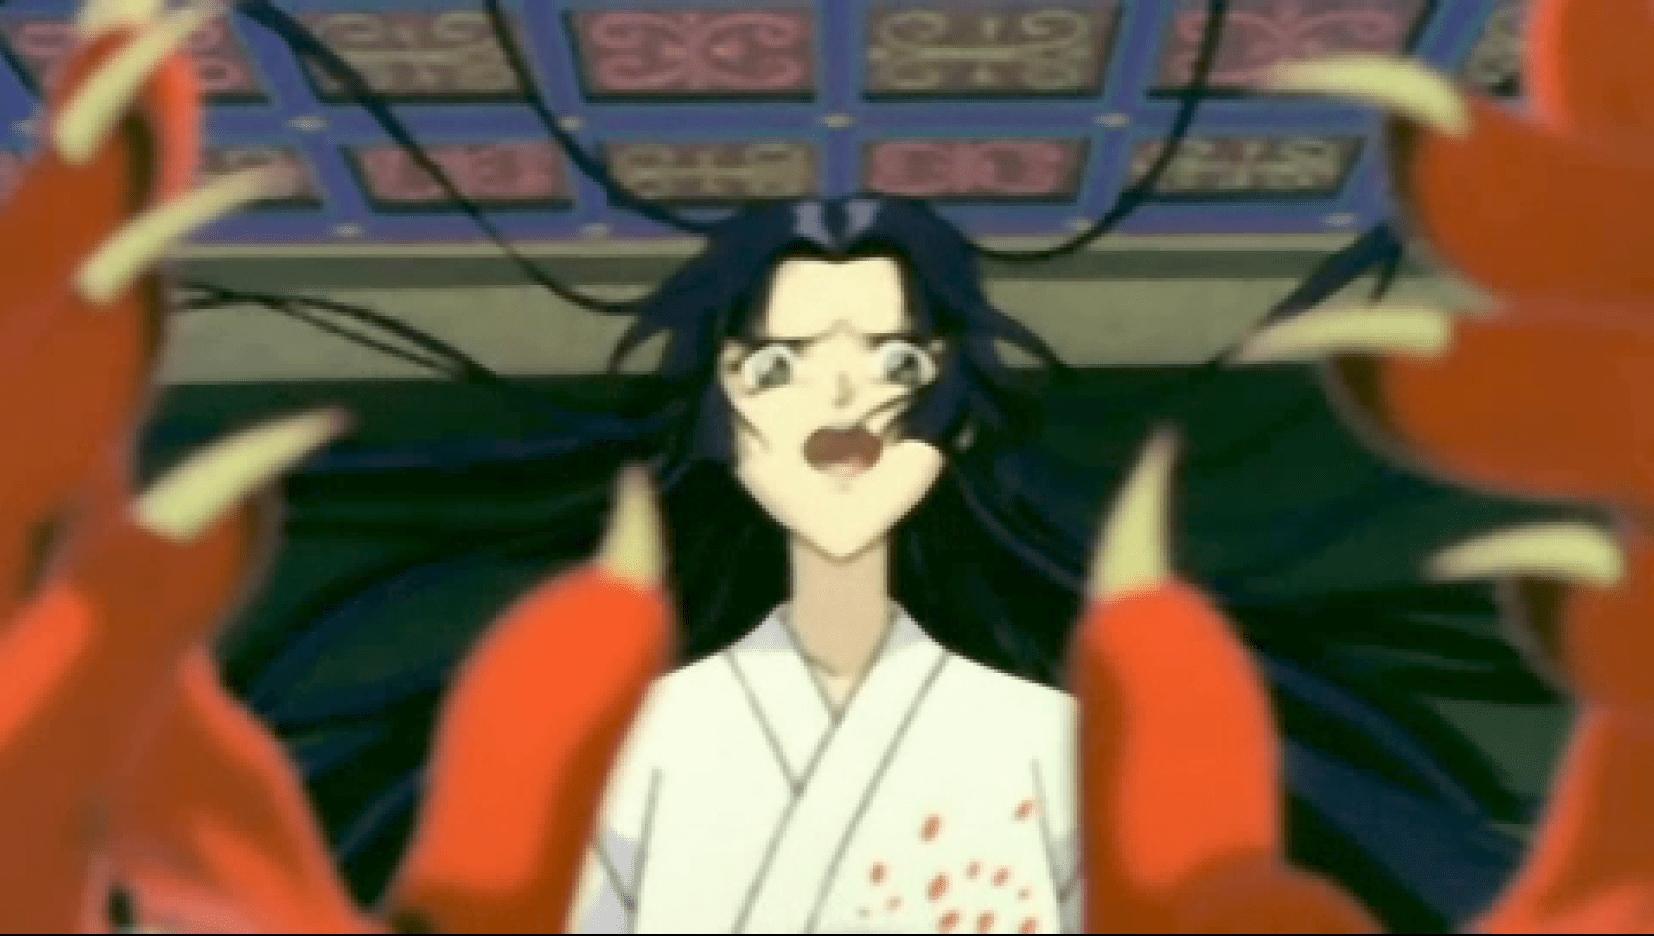 『俺の屍を越えてゆけ』21周年!やらずに死ねない独創的RPGの魅力【ヤマグチクエストコラム】の画像004